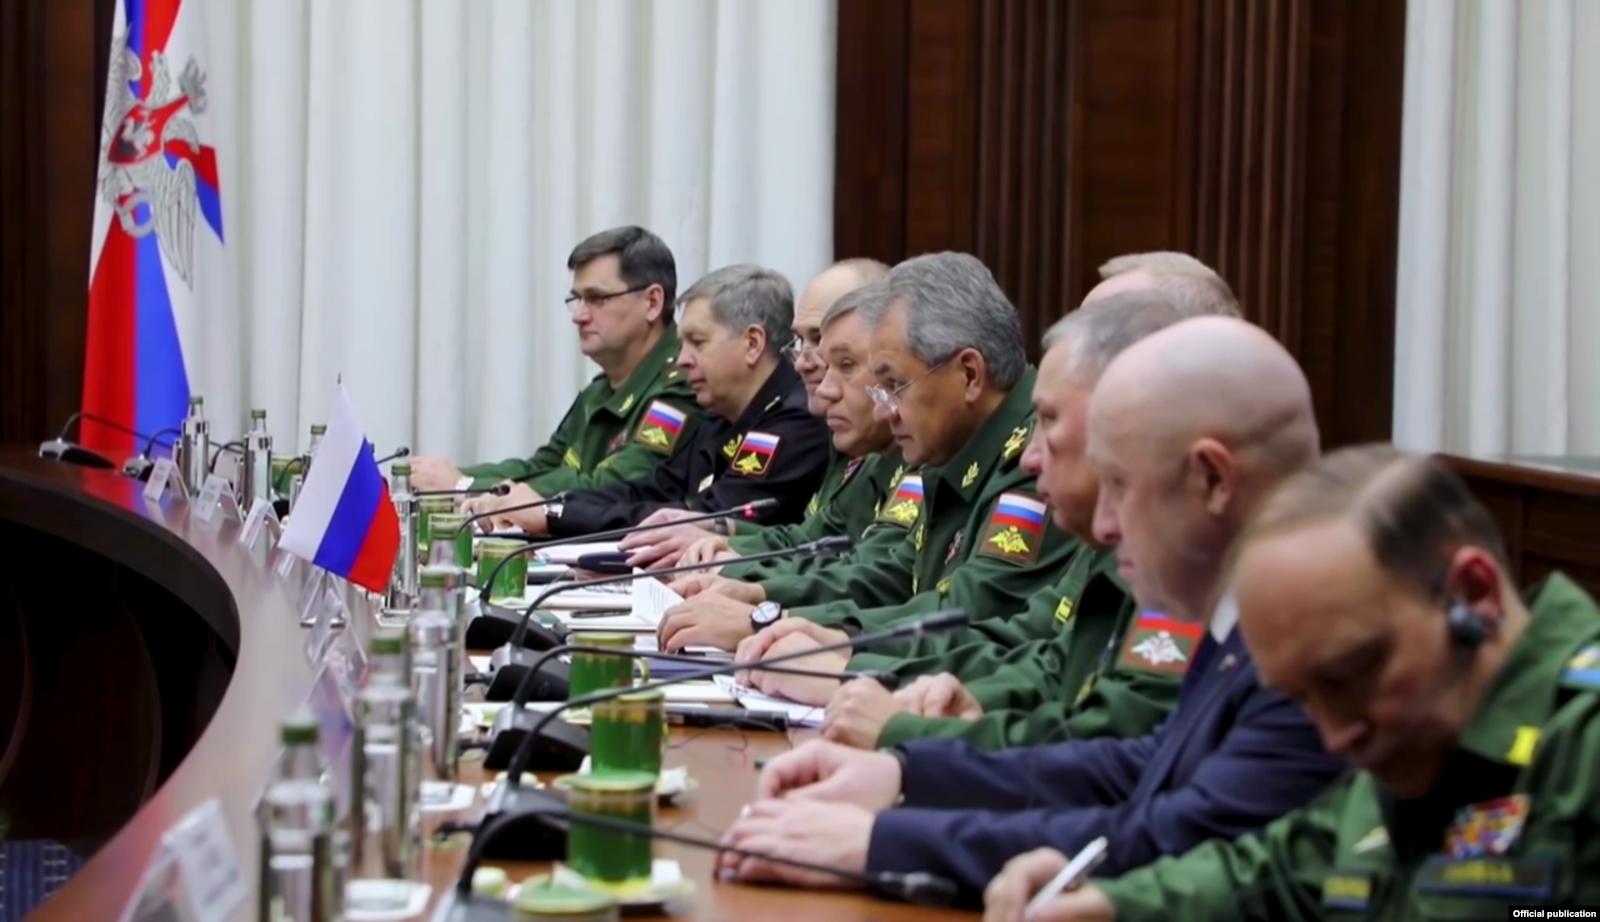 Переговоры с делегацией фельдмаршала Хафтара. Евгений Пригожин — второй справа